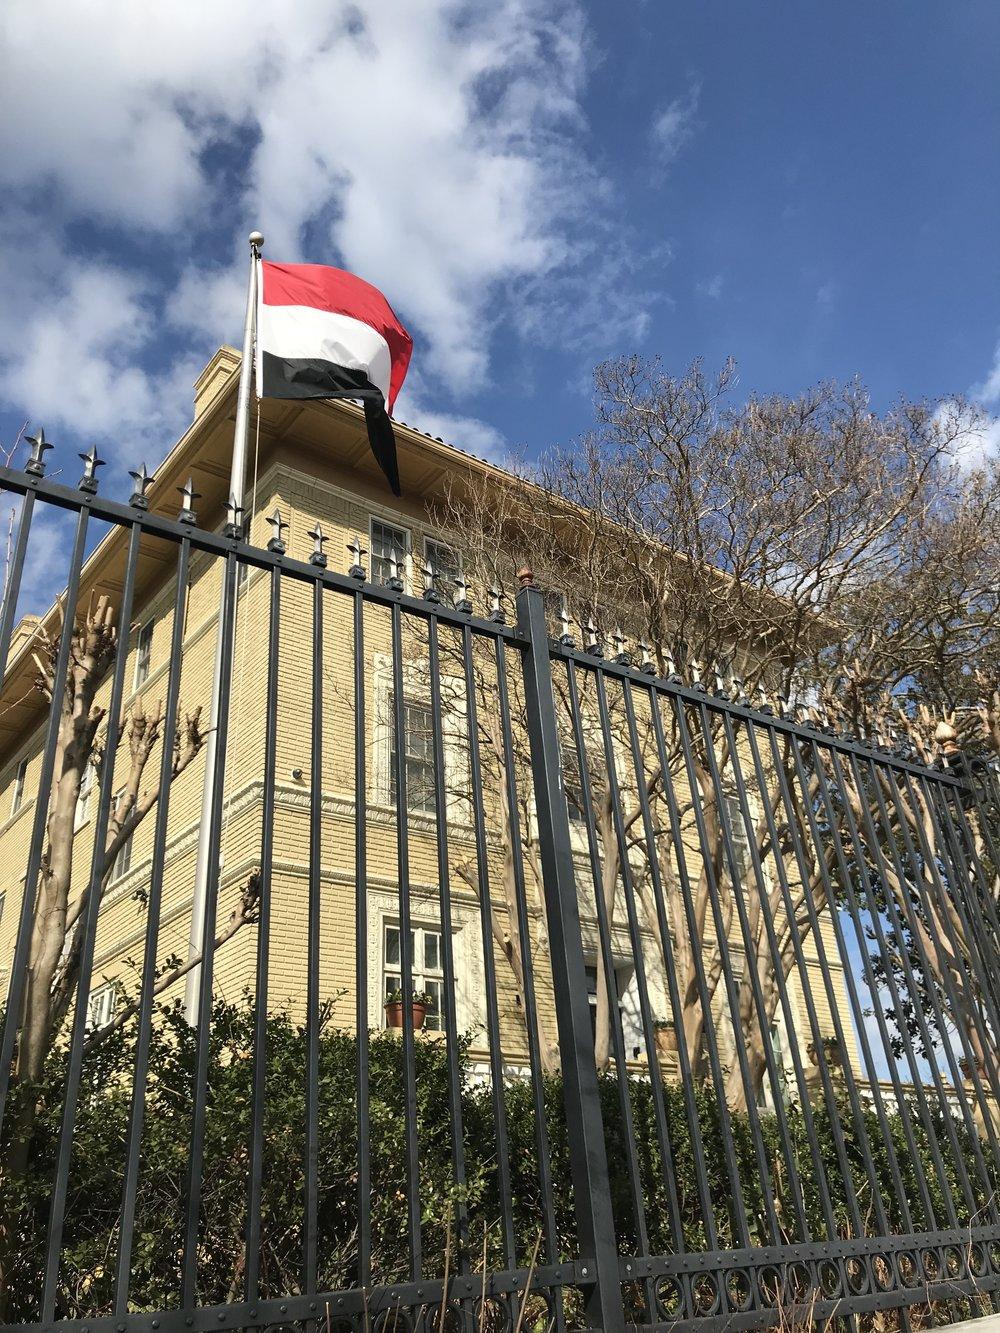 The Embassy of Yemen.